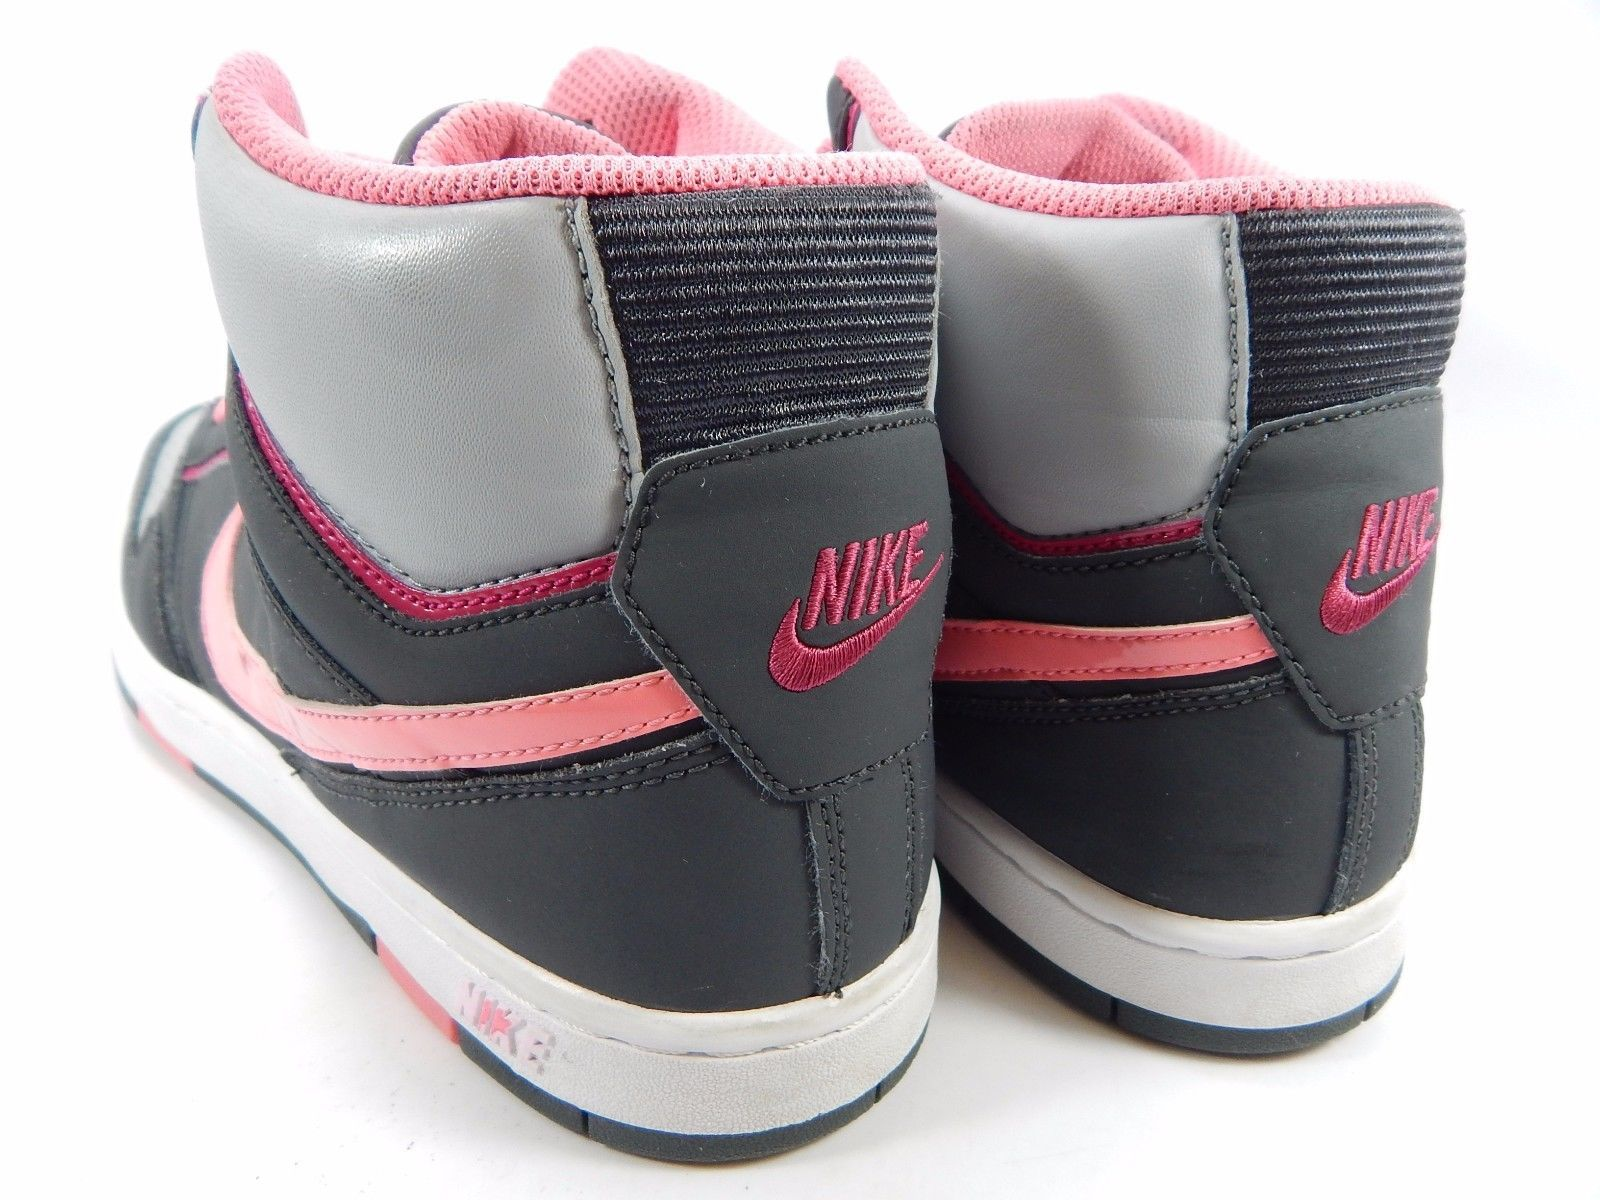 Nike Prestige 3 Women's Basketball Shoes Size US 10 M (B) EU 42 Gray 551649-066